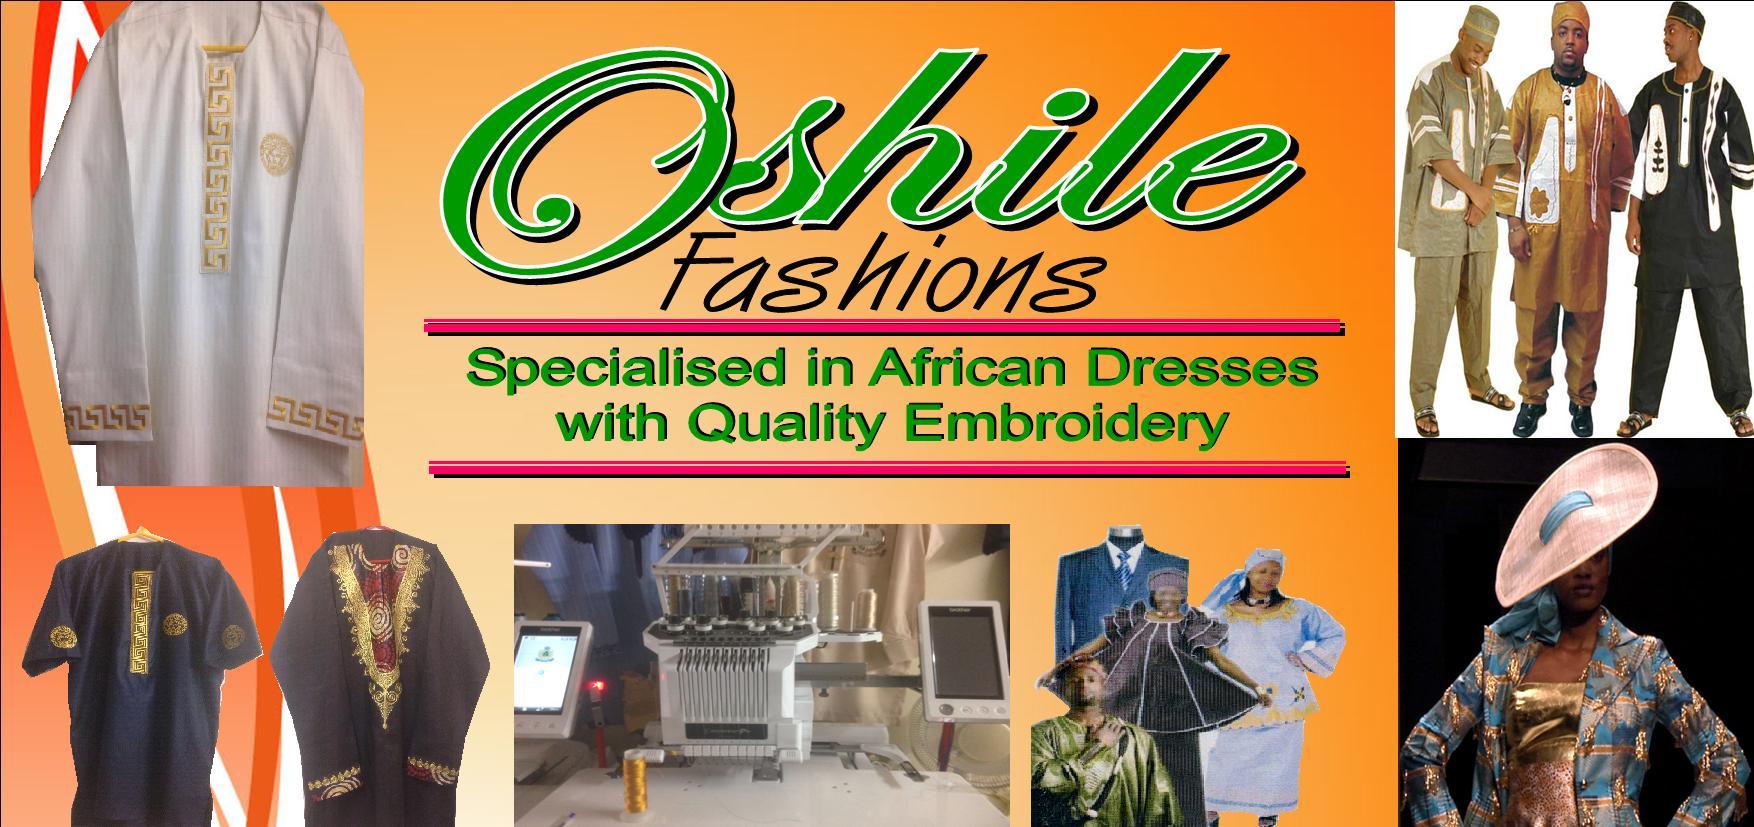 Oshile Fashions